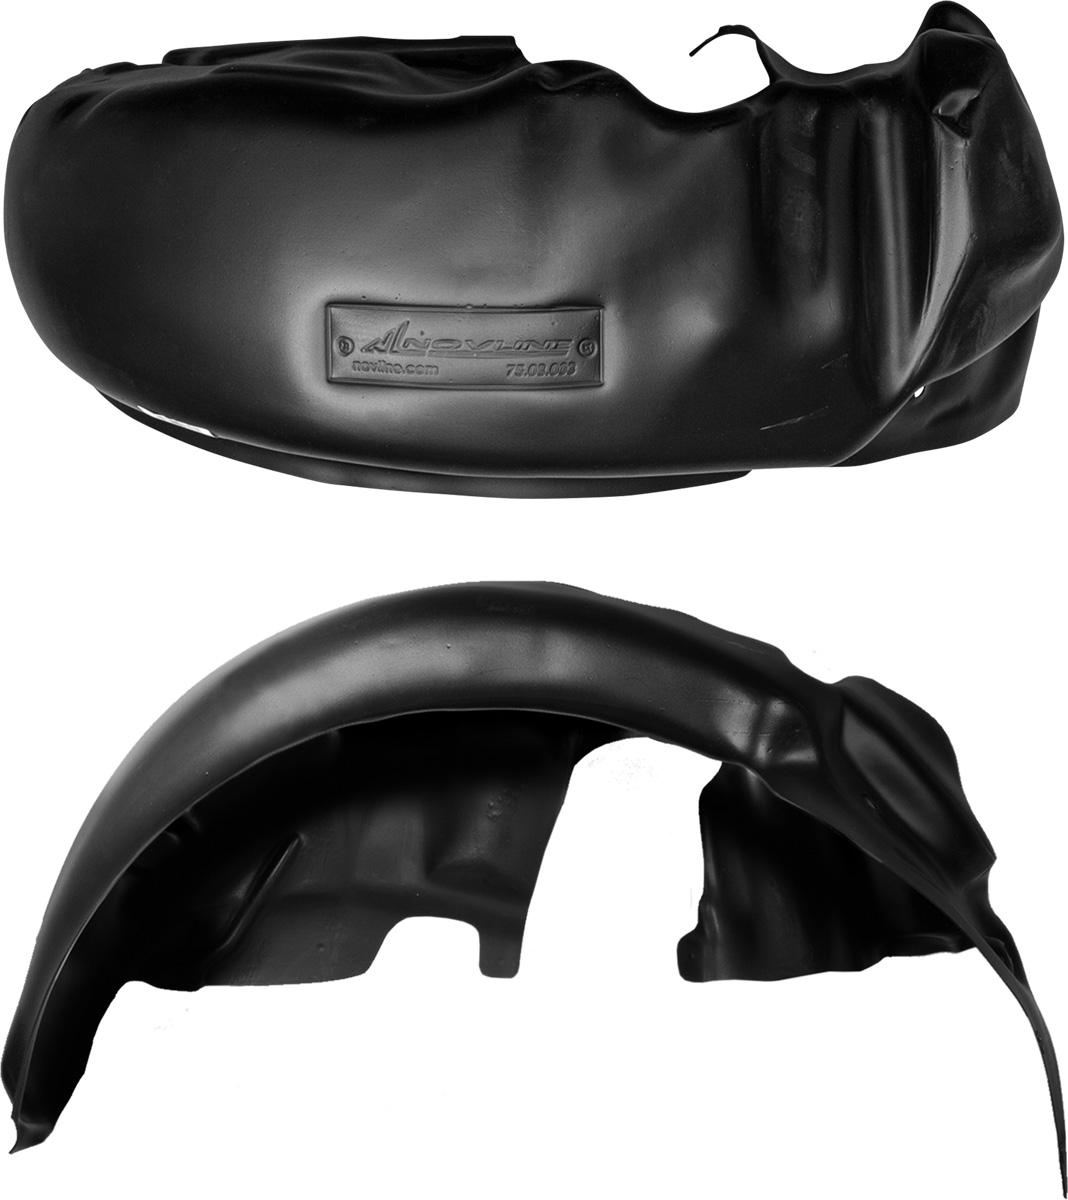 Подкрылок Novline-Autofamily, для NISSAN X-Trail, 2007-2011, задний правый1904Колесные ниши - одни из самых уязвимых зон днища вашего автомобиля. Они постоянно подвергаются воздействию со стороны дороги. Лучшая, почти абсолютная защита для них - специально отформованные пластиковые кожухи, которые называются подкрылками. Производятся они как для отечественных моделей автомобилей, так и для иномарок. Подкрылки Novline-Autofamily выполнены из высококачественного, экологически чистого пластика. Обеспечивают надежную защиту кузова автомобиля от пескоструйного эффекта и негативного влияния, агрессивных антигололедных реагентов. Пластик обладает более низкой теплопроводностью, чем металл, поэтому в зимний период эксплуатации использование пластиковых подкрылков позволяет лучше защитить колесные ниши от налипания снега и образования наледи. Оригинальность конструкции подчеркивает элегантность автомобиля, бережно защищает нанесенное на днище кузова антикоррозийное покрытие и позволяет осуществить крепление подкрылков внутри колесной арки практически без дополнительного крепежа и сверления, не нарушая при этом лакокрасочного покрытия, что предотвращает возникновение новых очагов коррозии. Подкрылки долговечны, обладают высокой прочностью и сохраняют заданную форму, а также все свои физико-механические характеристики в самых тяжелых климатических условиях (от -50°С до +50°С).Уважаемые клиенты!Обращаем ваше внимание, на тот факт, что подкрылок имеет форму, соответствующую модели данного автомобиля. Фото служит для визуального восприятия товара.